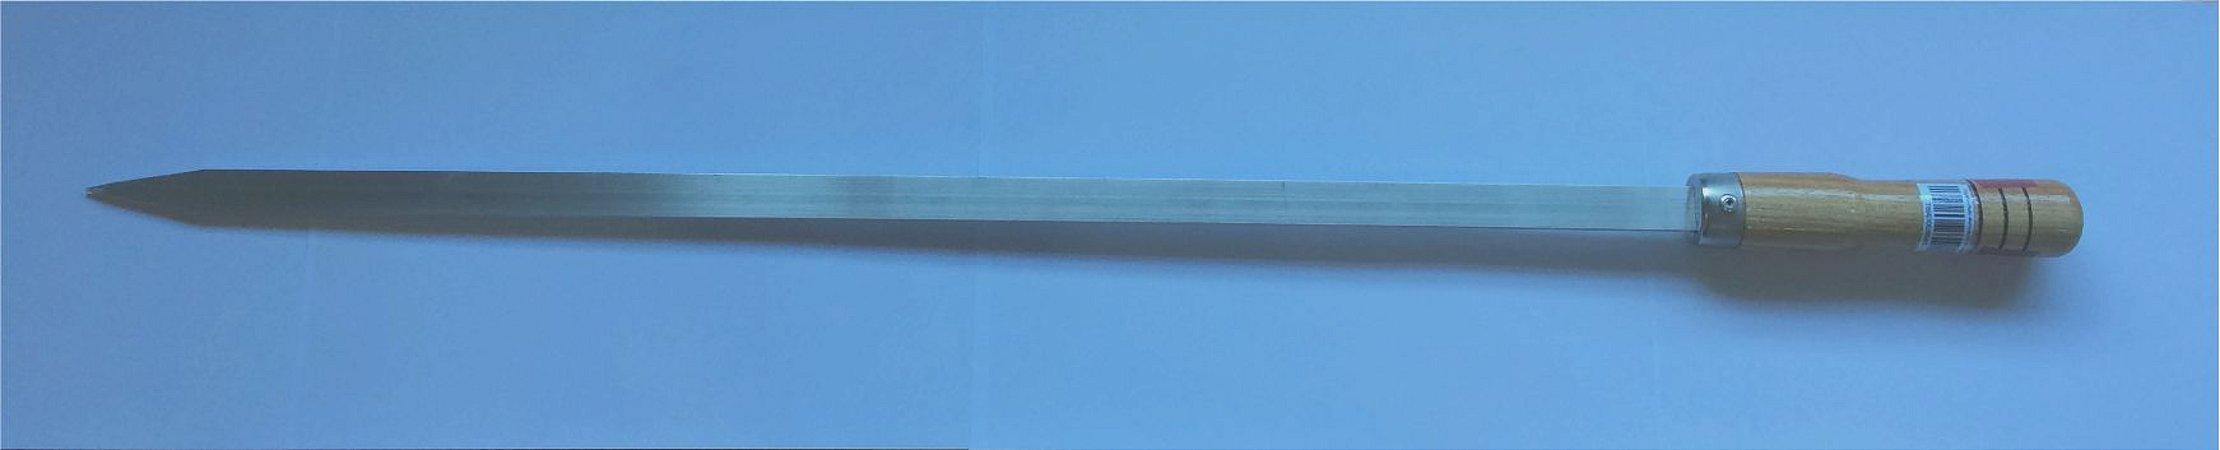 Espeto chato Alumínio 75 cm